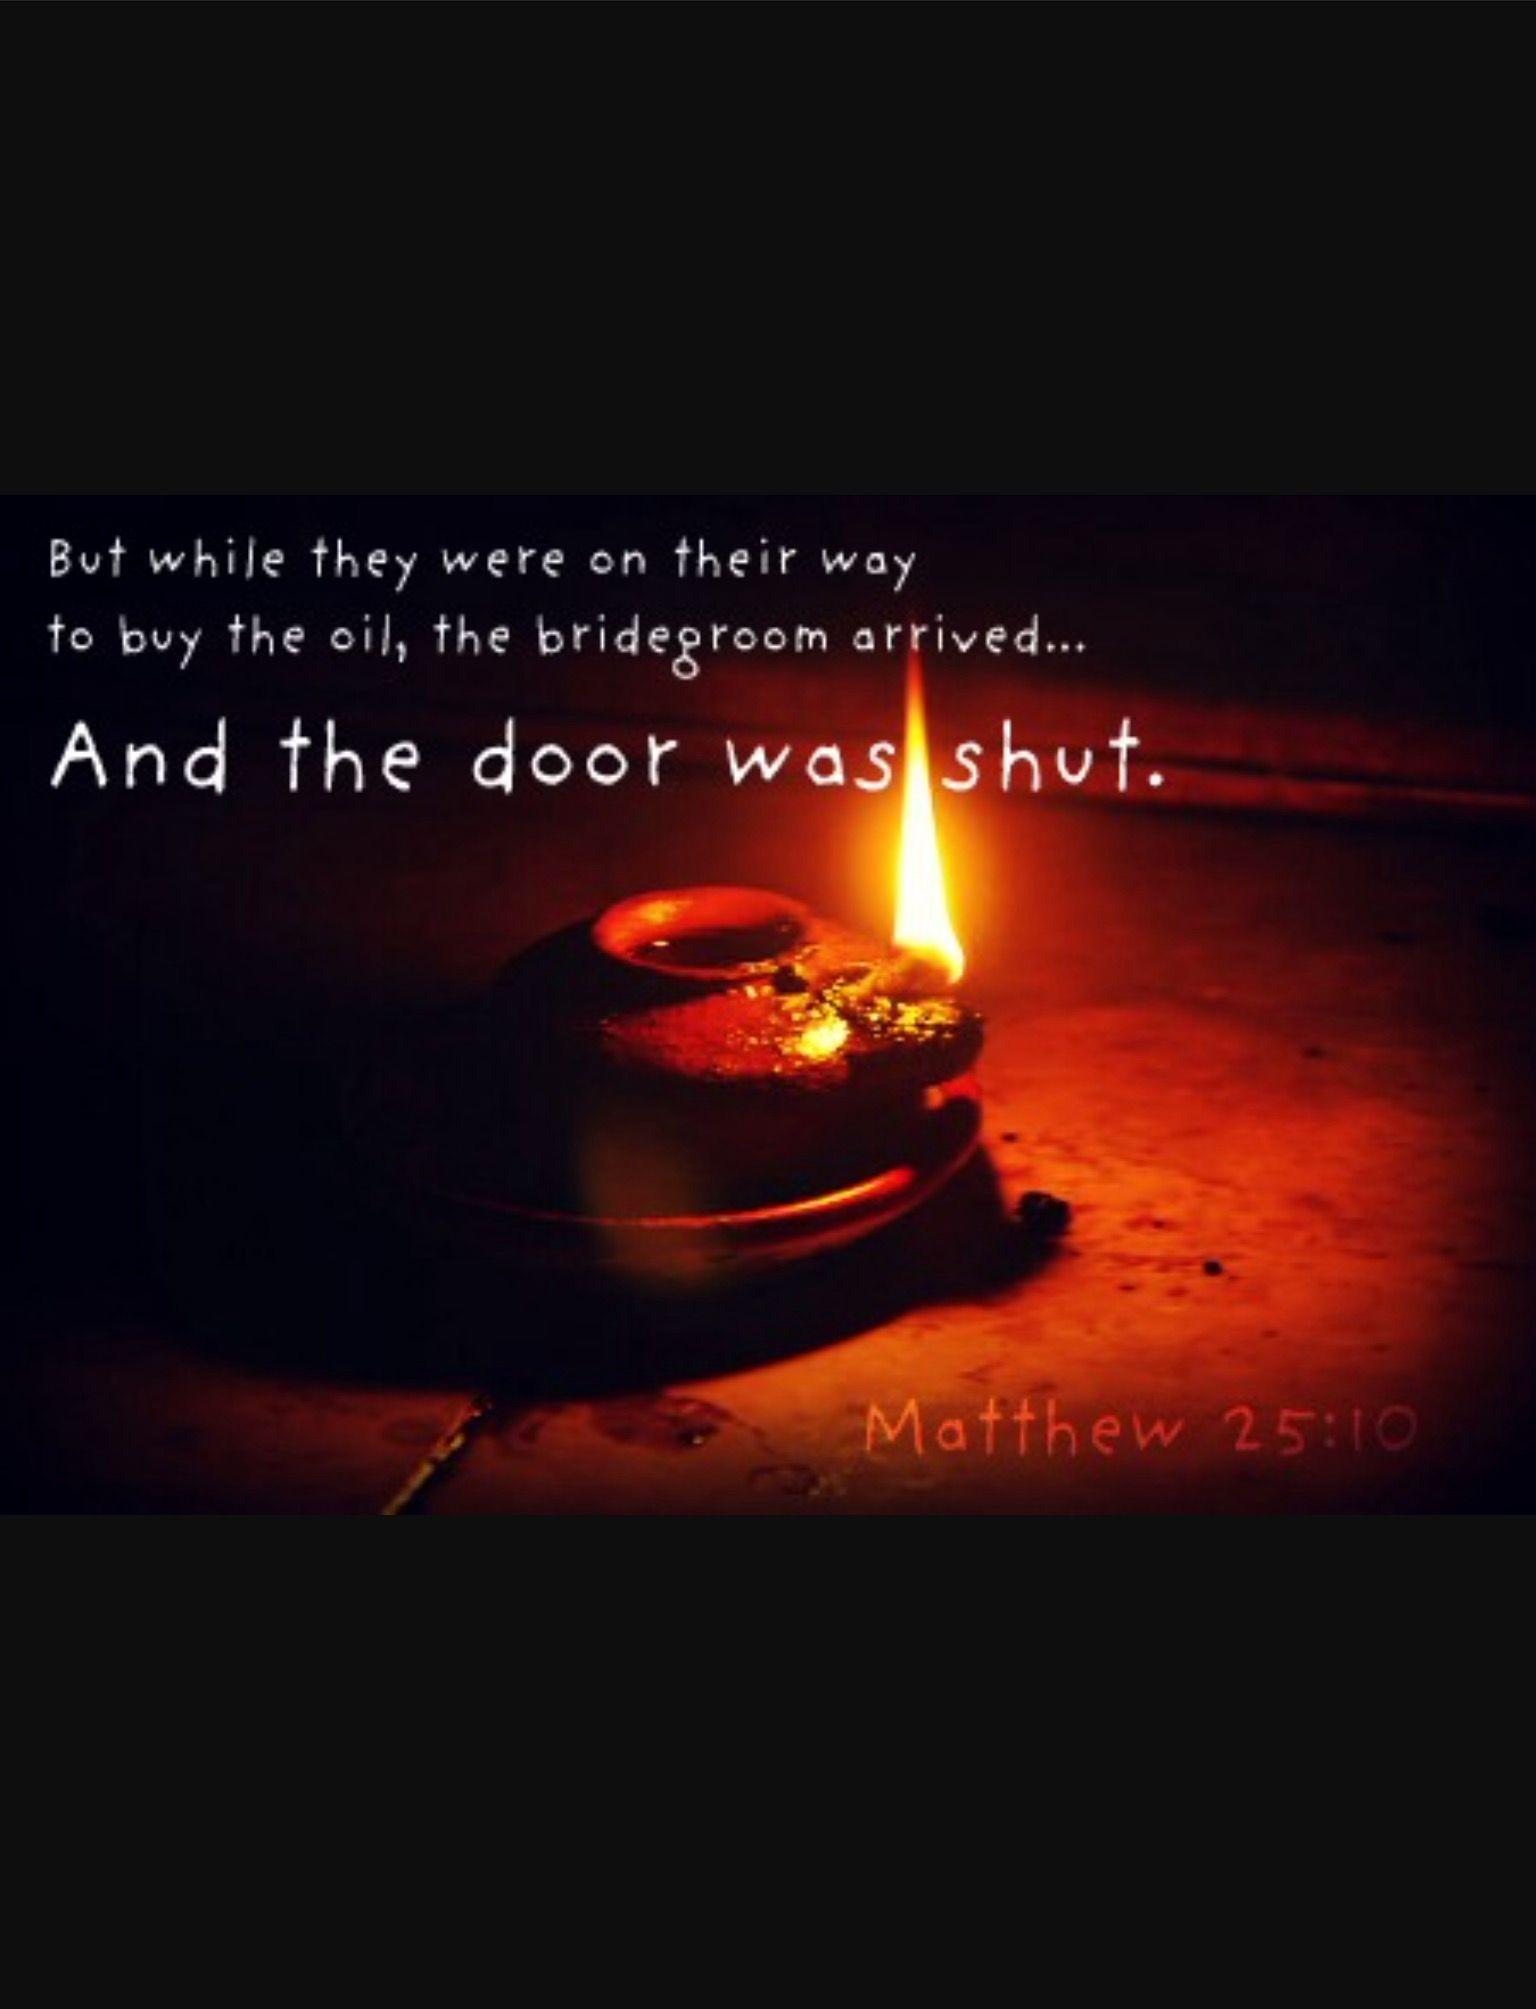 Matthew 25 10 Parables Mathew 25 Parables Of Jesus